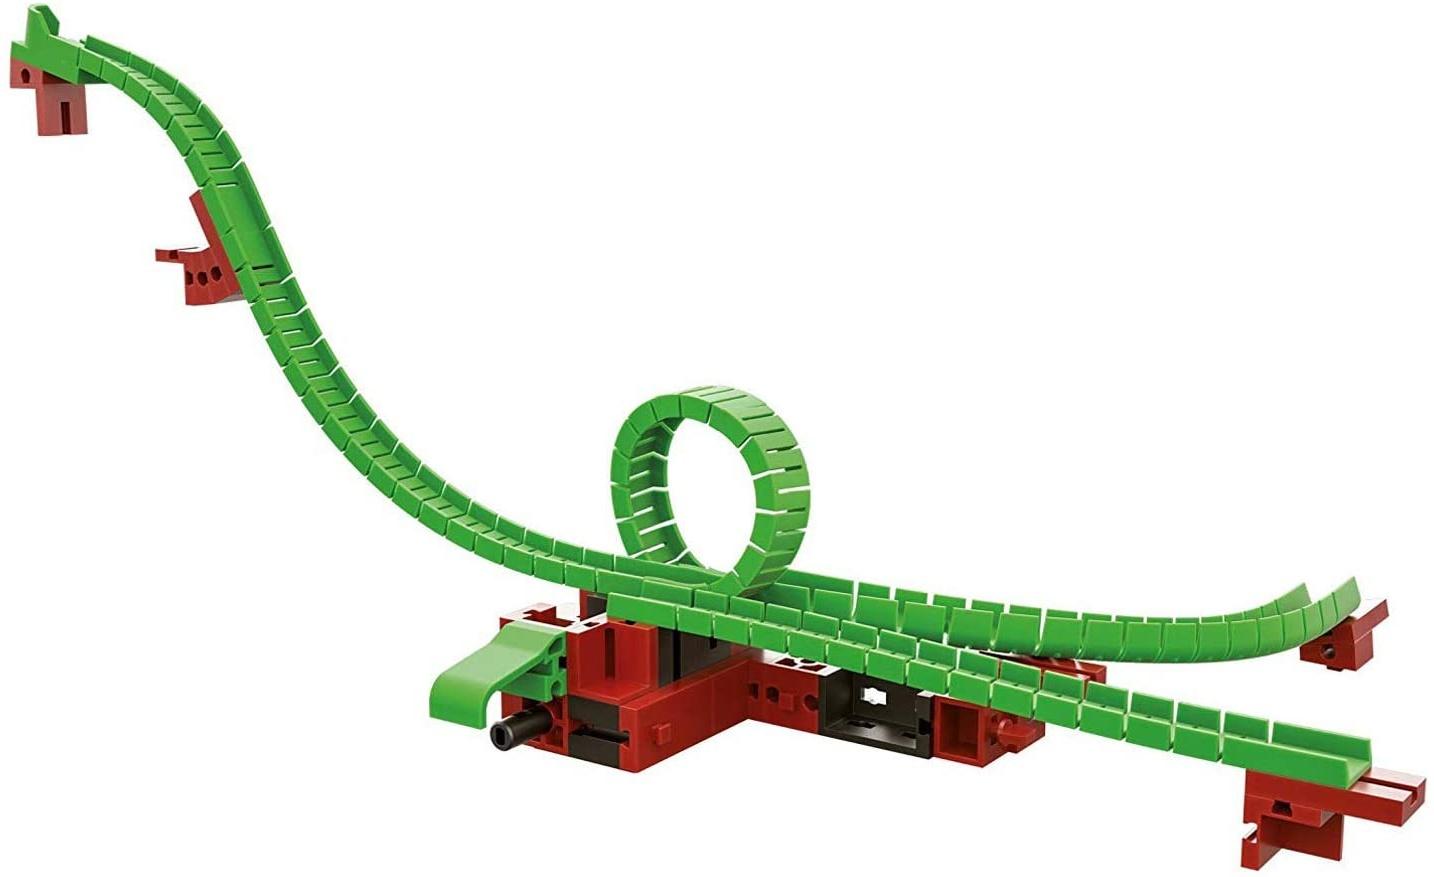 fischertechnik Looping inkl. Stellweiche - ideales Kugelbahn-Erweiterungsset für die fischertechnik Konstruktionsbaukästen der Dynamic-Linie - hier ist konstruieren und experimentieren angesagt Bild 1